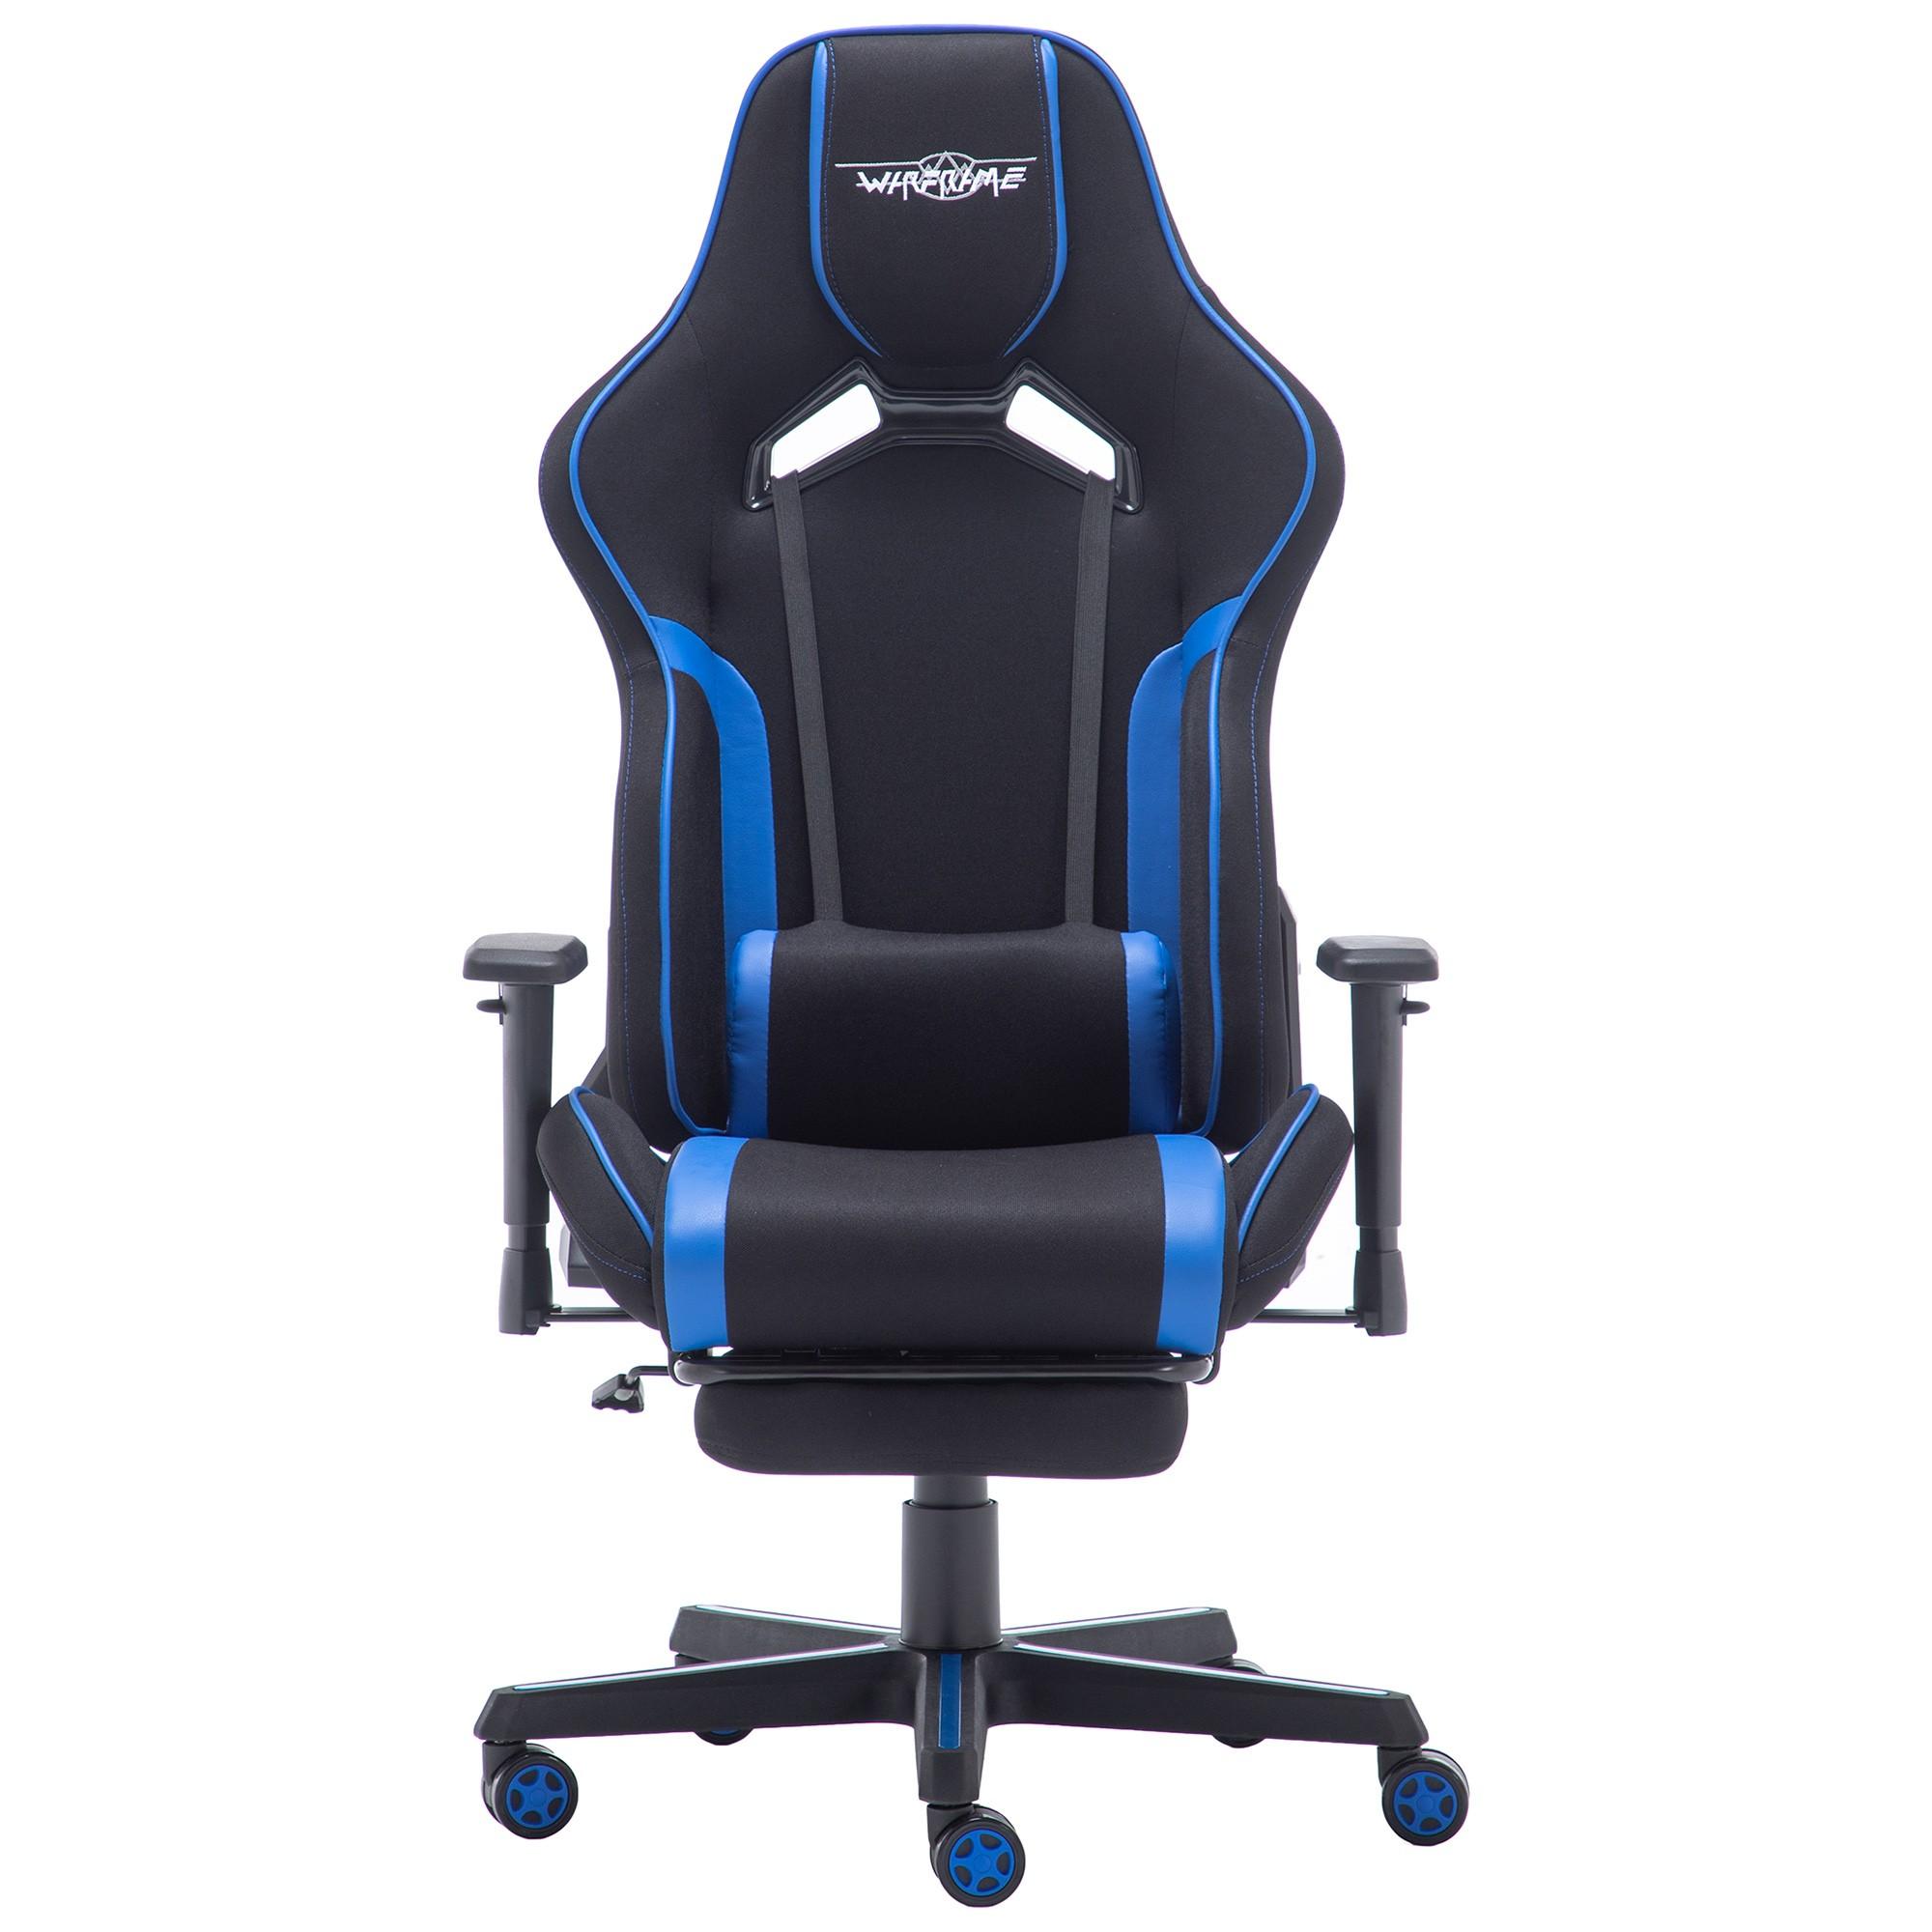 WarFrame Iron Man Gaming Chair, Black / Blue